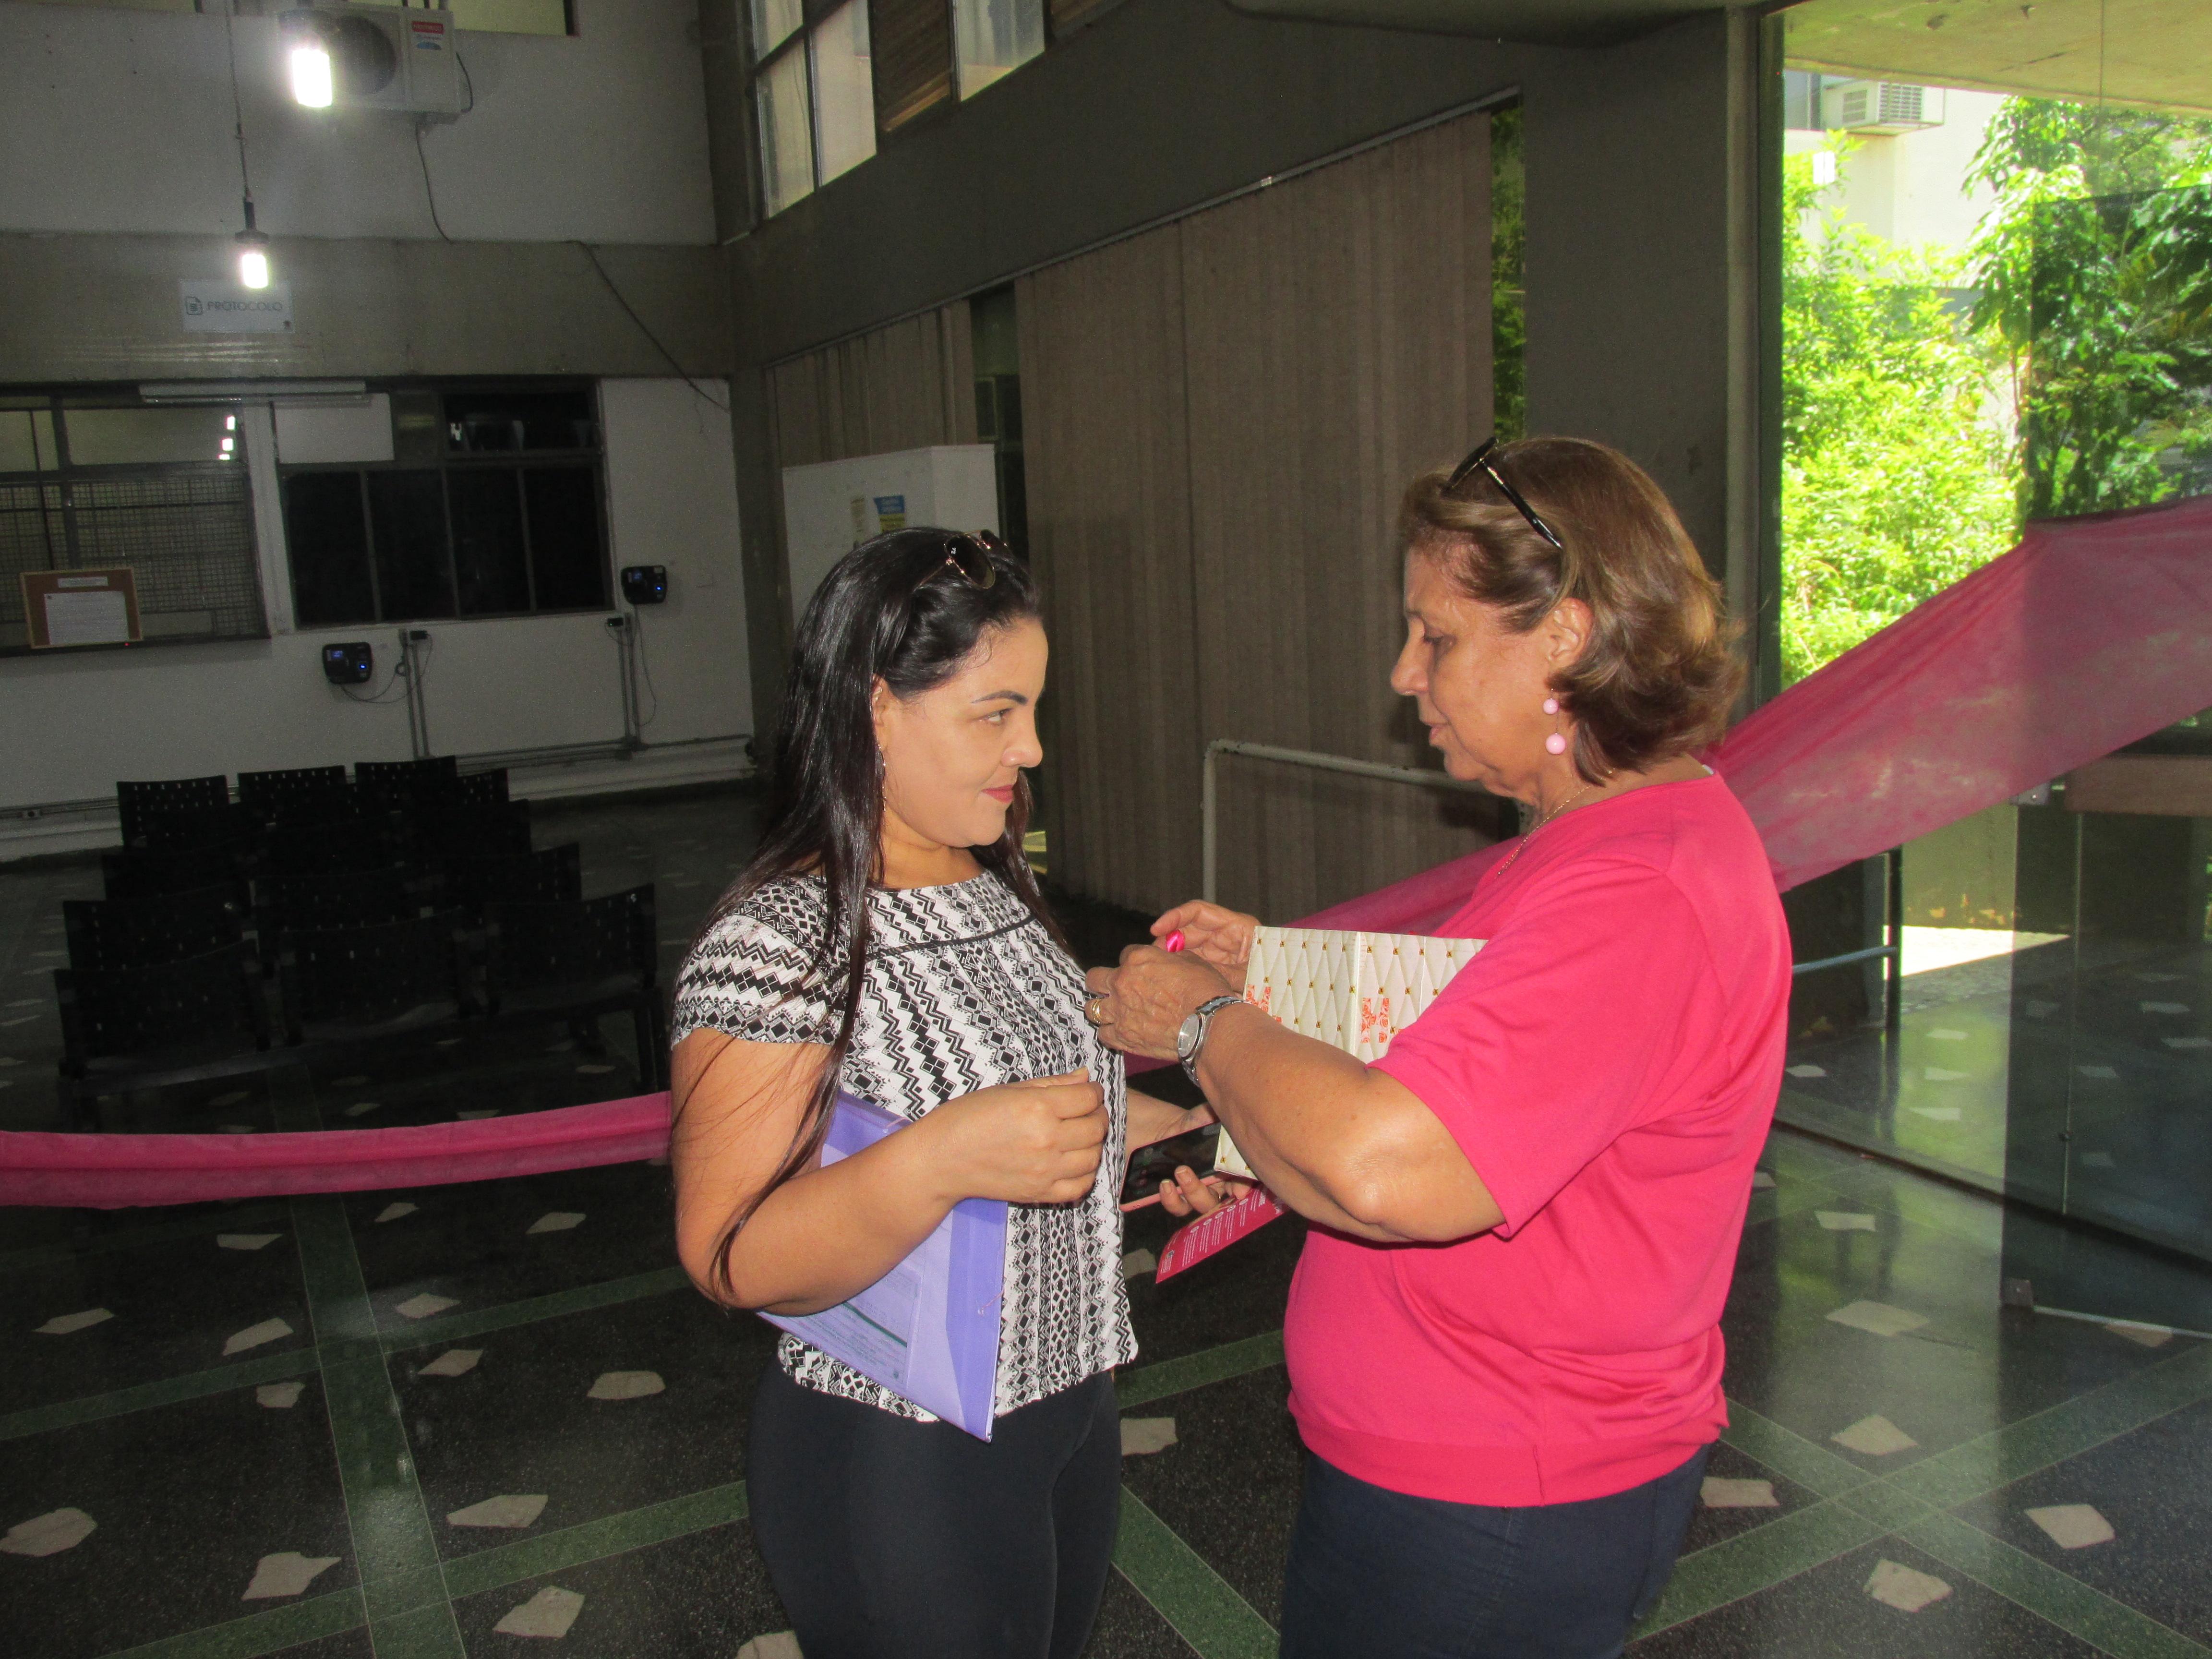 Imagem de destaque OUTUBRO ROSA - Prefeitura realizou diversas ações educativas com foco na saúde das servidoras